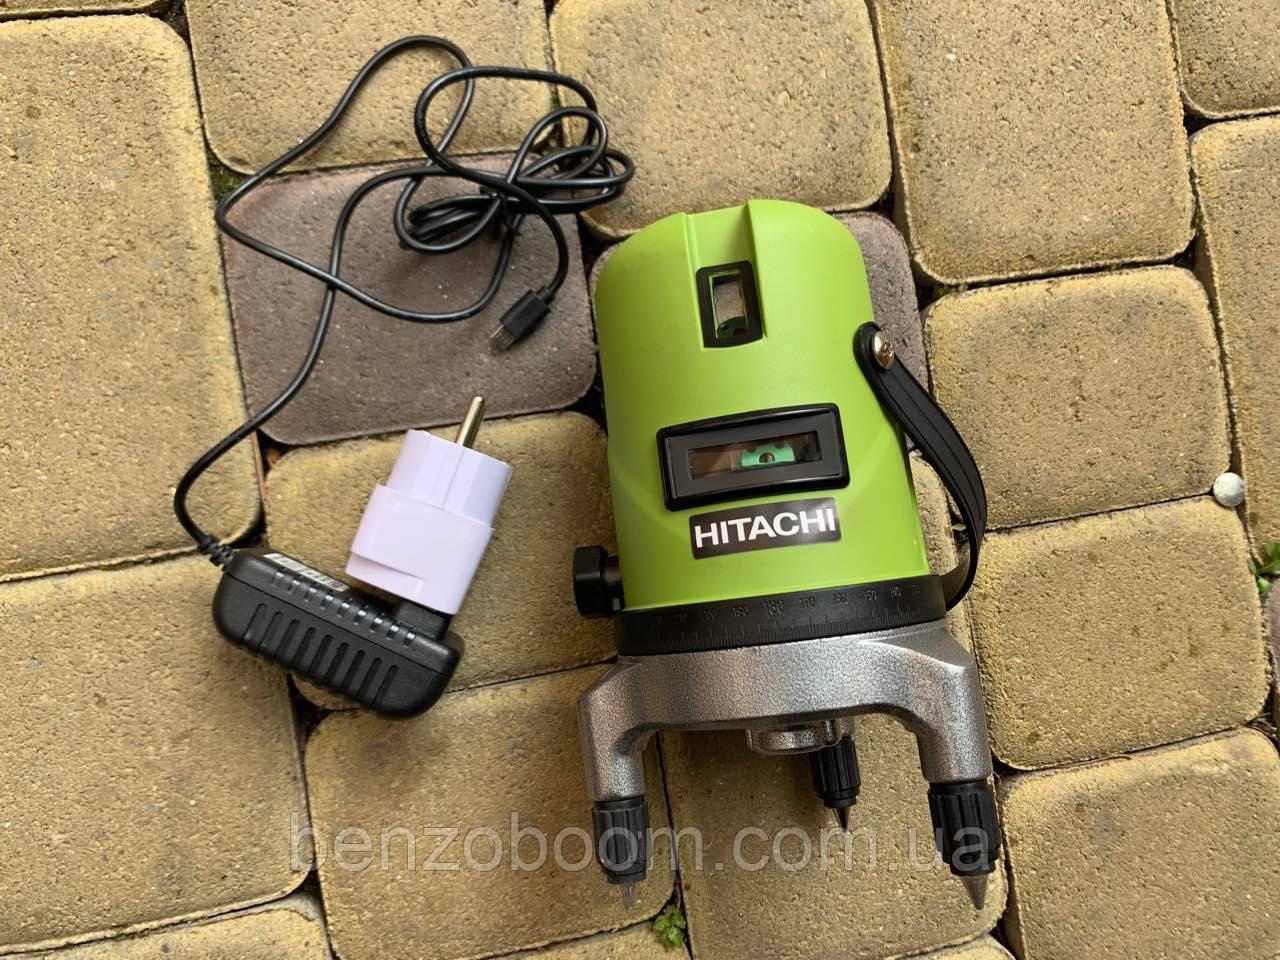 Лазерный уровень Hitachi HLL50-5 зелёный луч